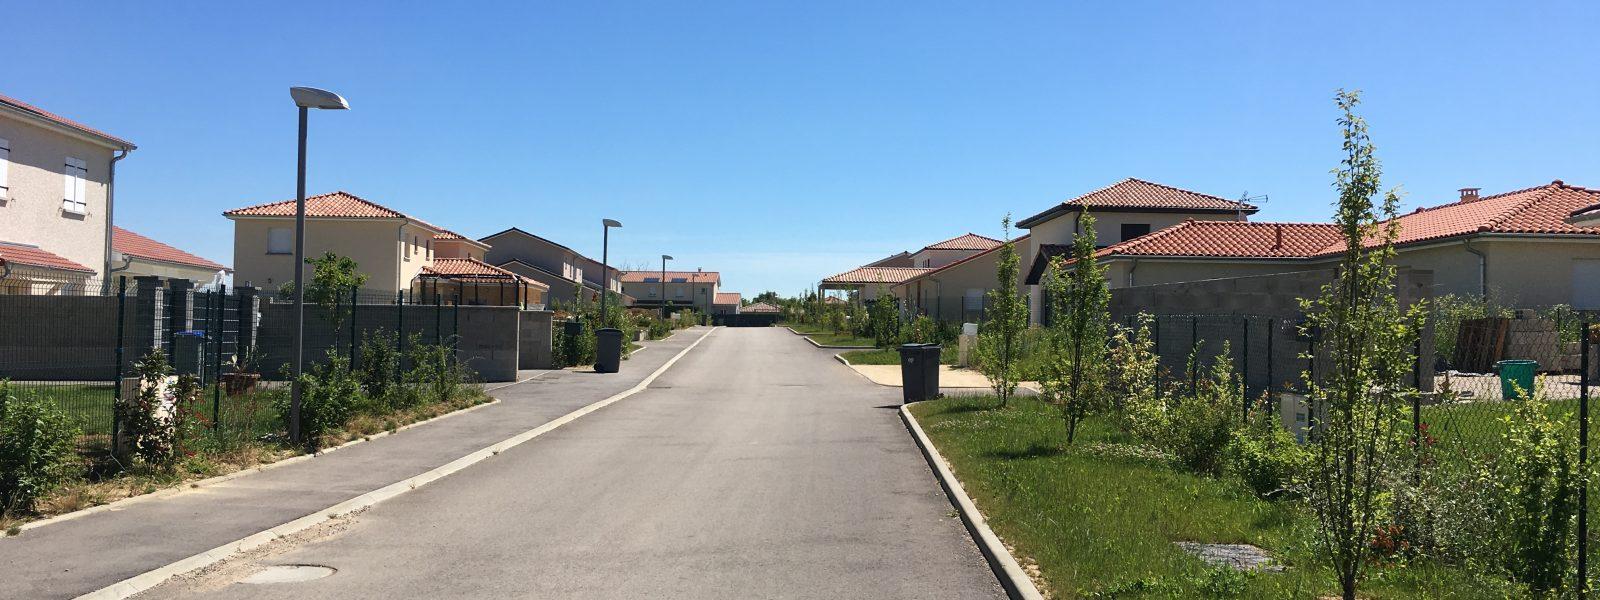 LE HAMEAU DE LA BERGERE - Visuel 4 - Impact immobilier 01